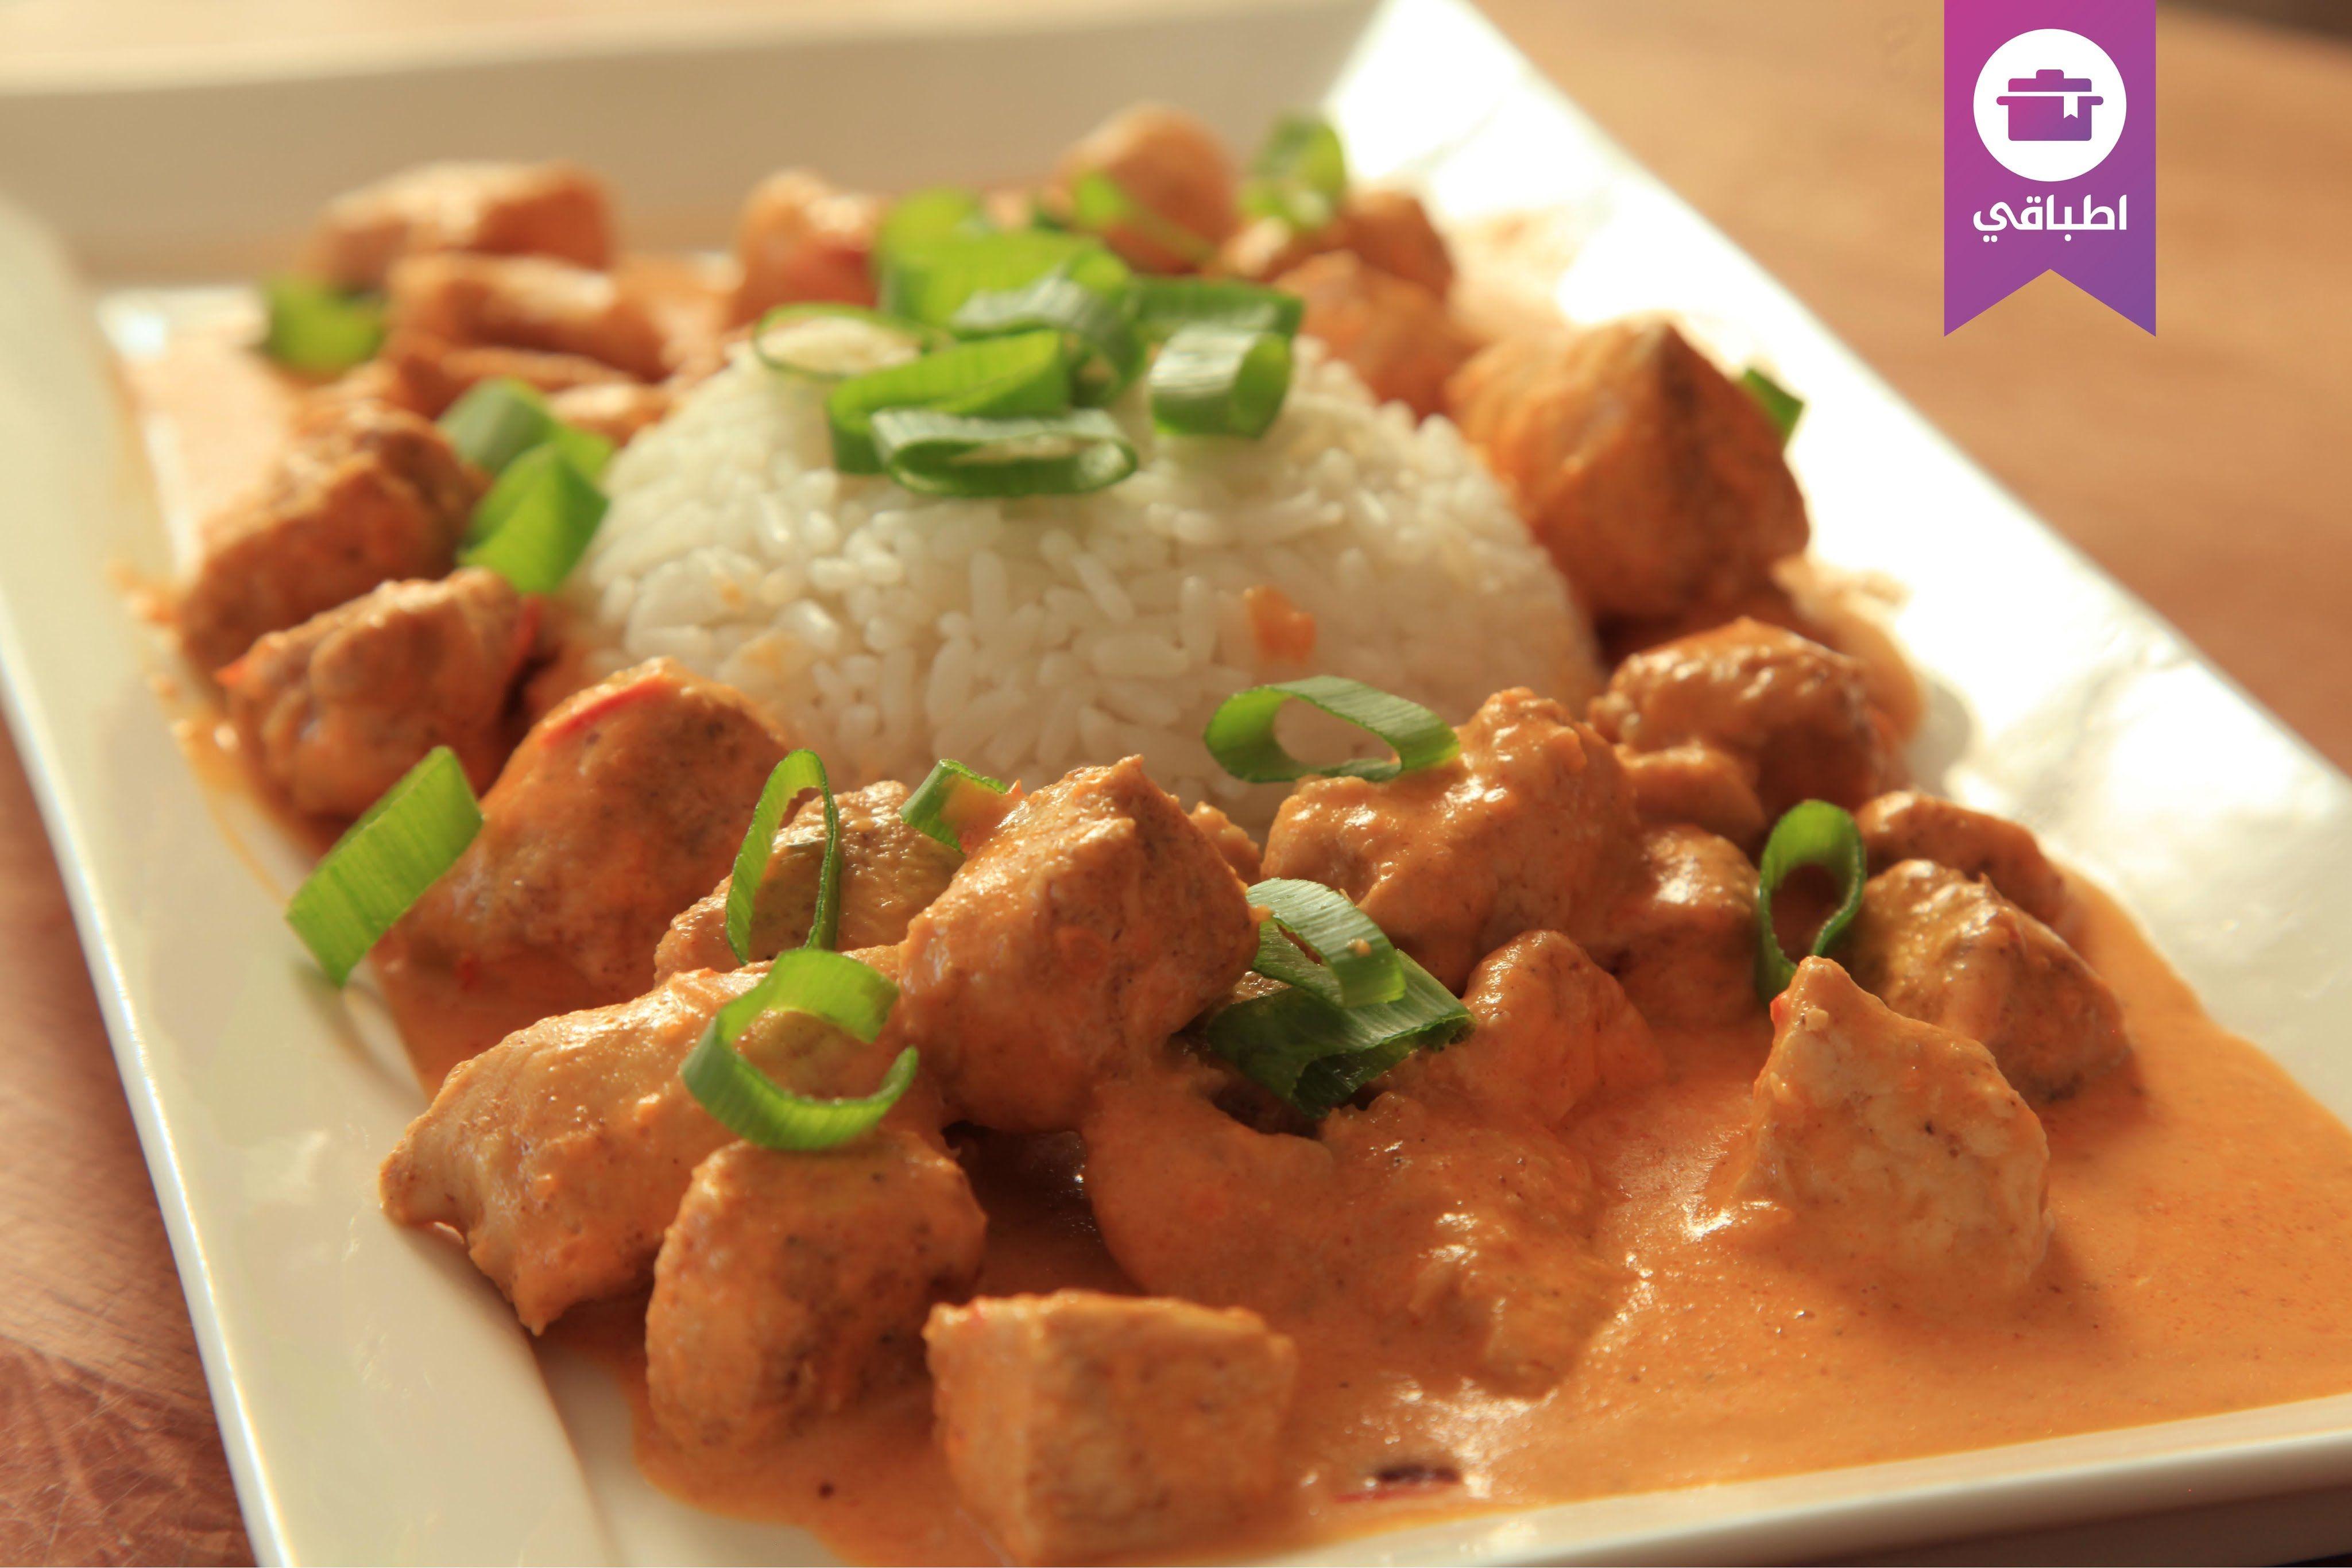 وصفة الدجاج بالزبدة على الطريقة الهندية مع نيفين النمر على أطباقي Recipes Food Indian Chicken